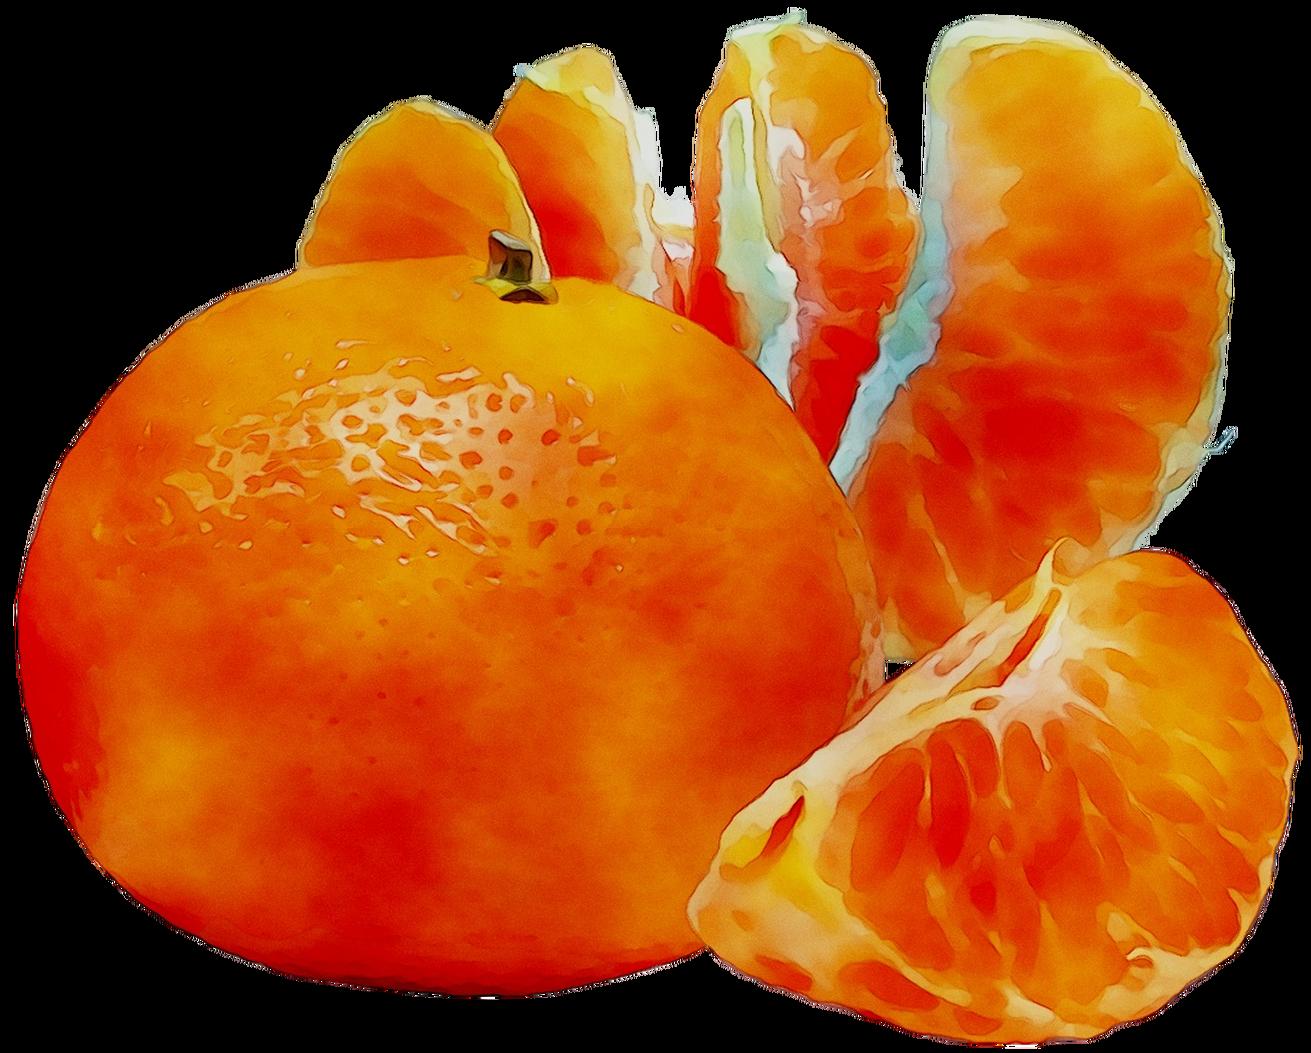 kissclipart-dibujo-mandarina-png-clipart-juice-cocktail-mandar-660e9455a4cd7206.png